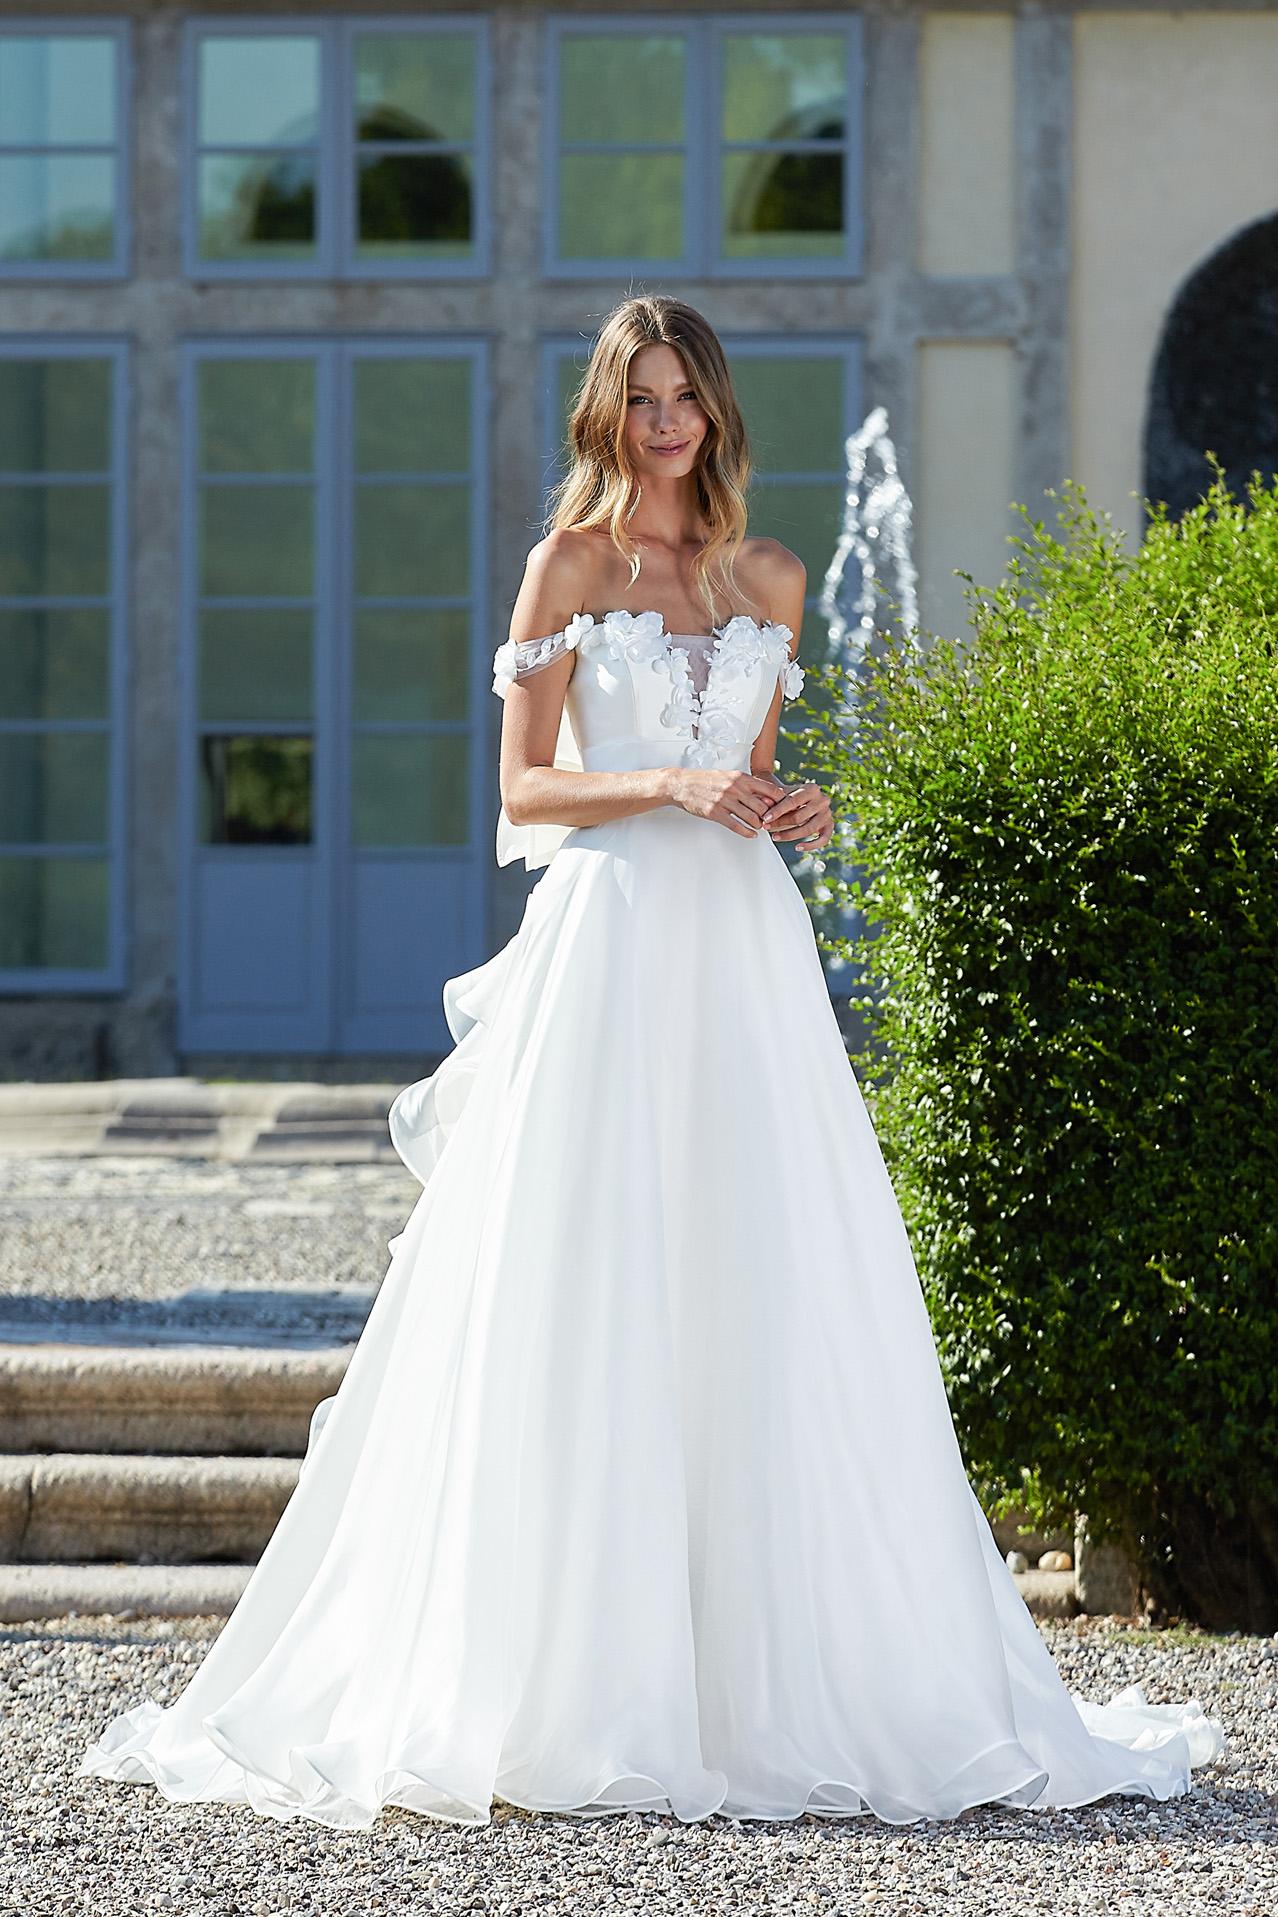 abito da sposa modello 2012 - foto davanti